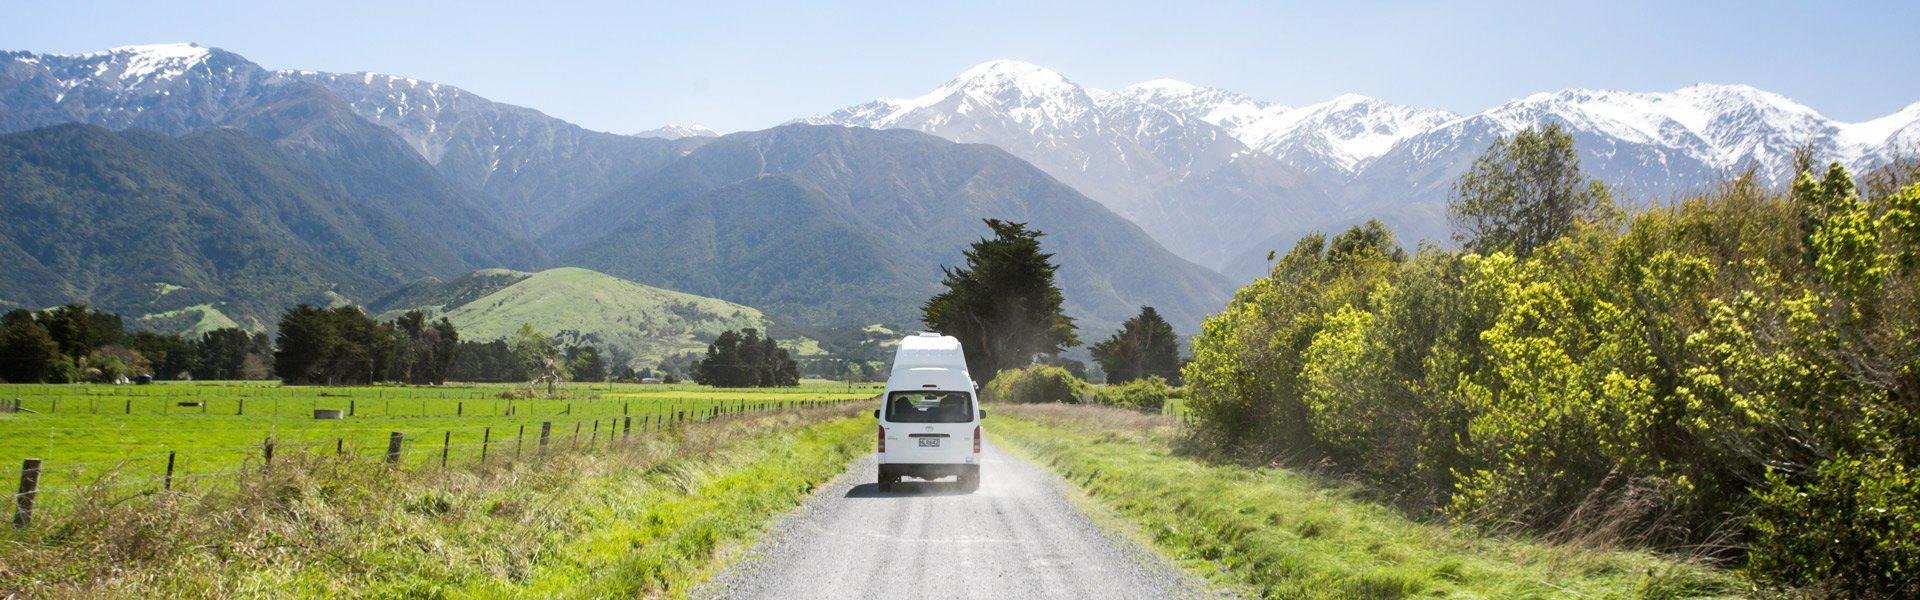 Uw ultieme camperreis door Nieuw-Zeeland boekt u bij Victoria CamperHolidays